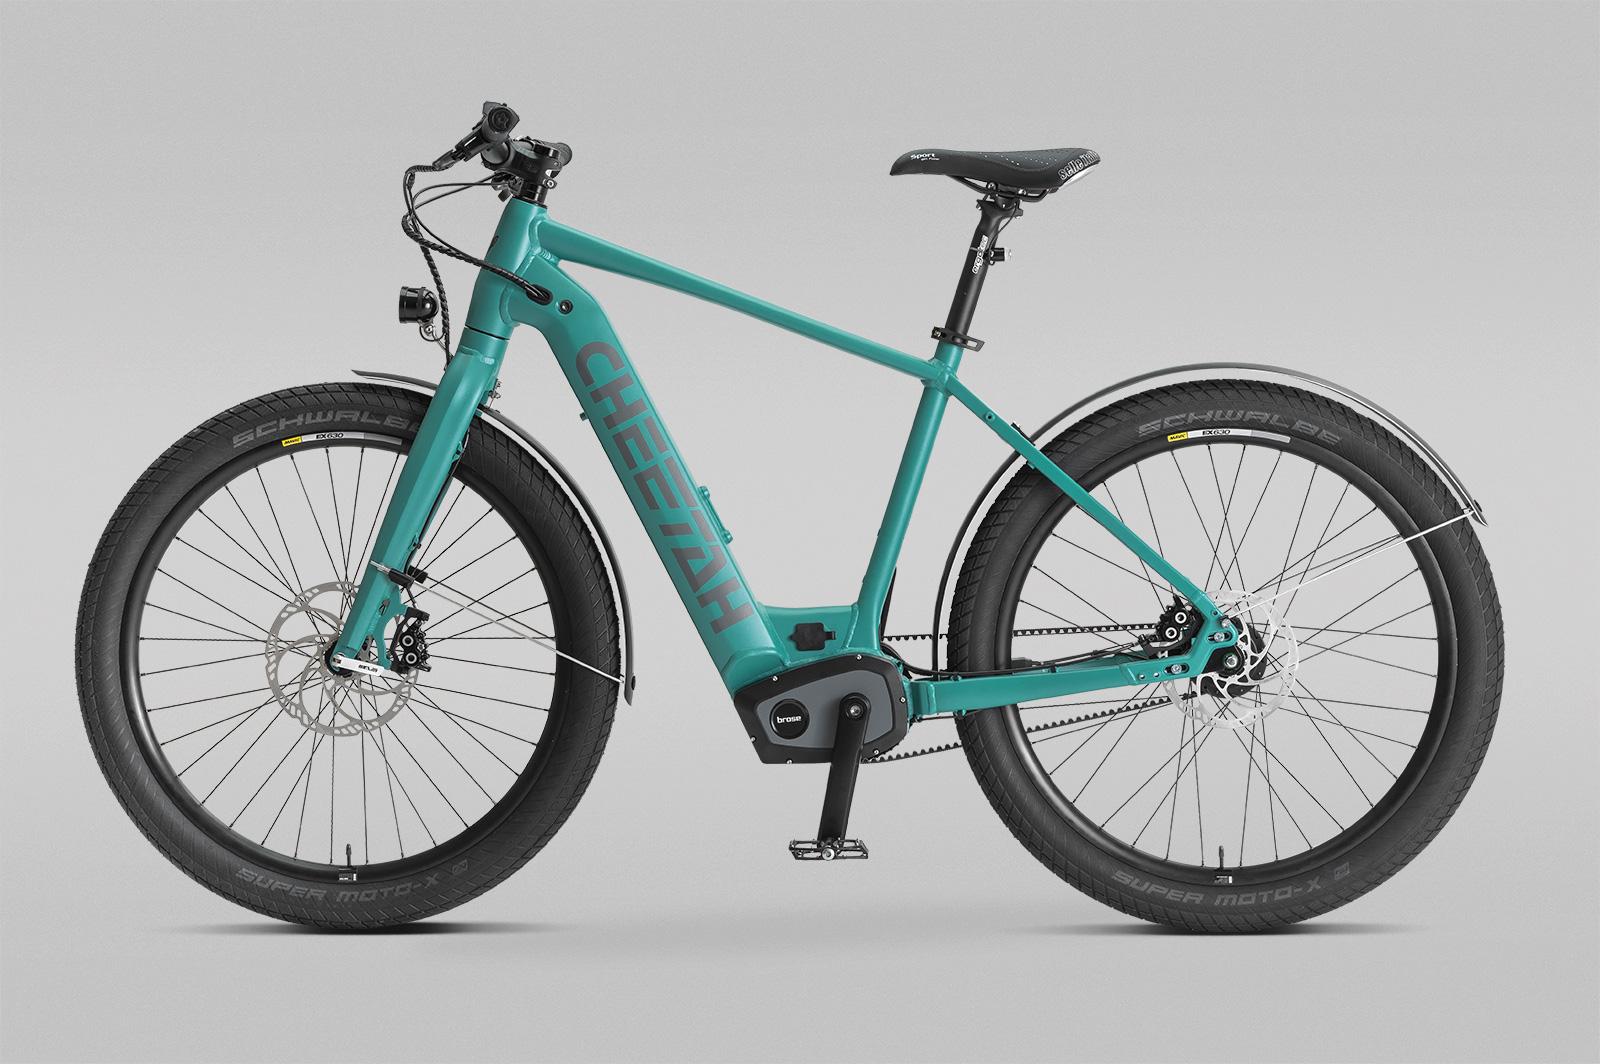 CHEETAH Bike Neuheit: stylisches E-City mit Brose Drive S und Rohloff